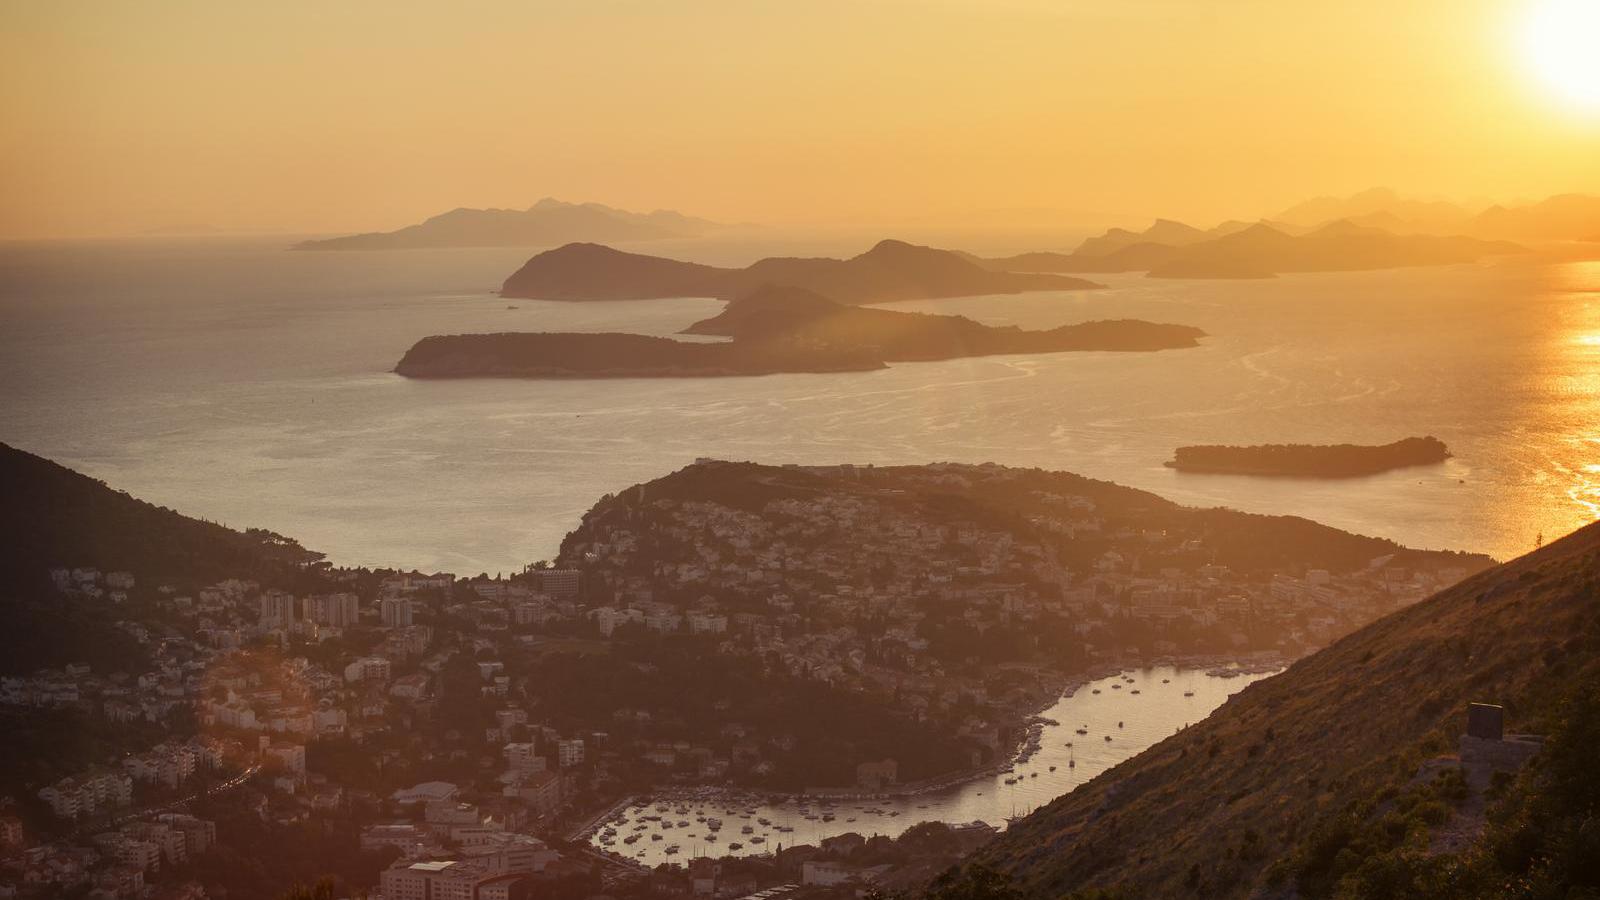 Europa Reise für junge Leute preiswert reisen Griechenland Kroatien Albanien Montenegro traveljunkies